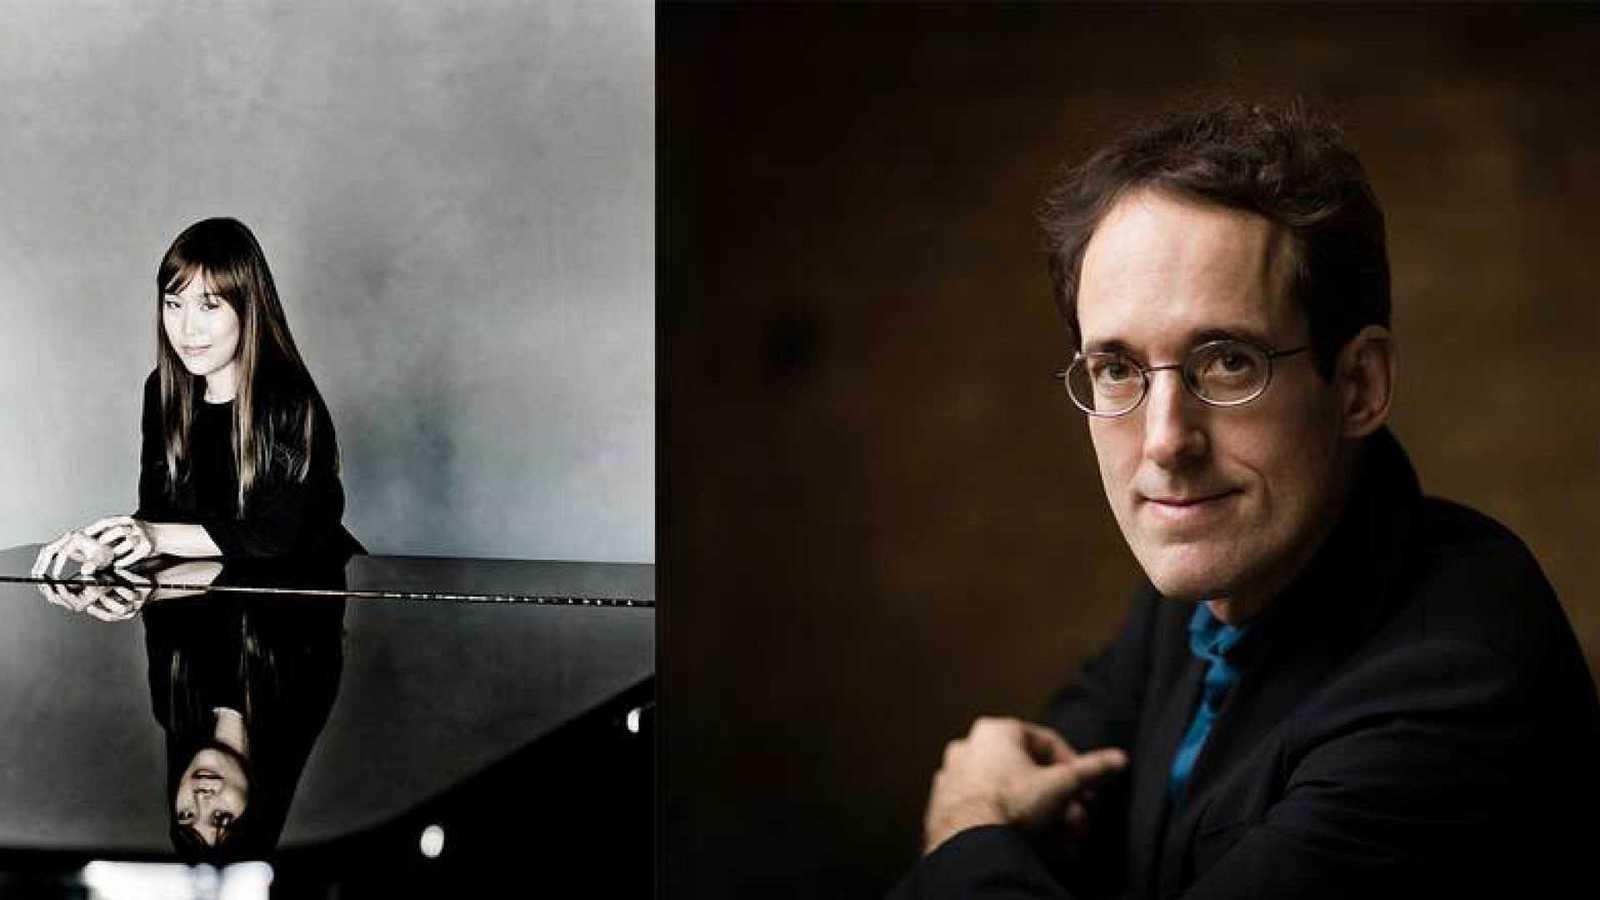 La pianista Yeol Eum Son y el director titular de la Orquesta Sinfónica RTVE, Pablo González